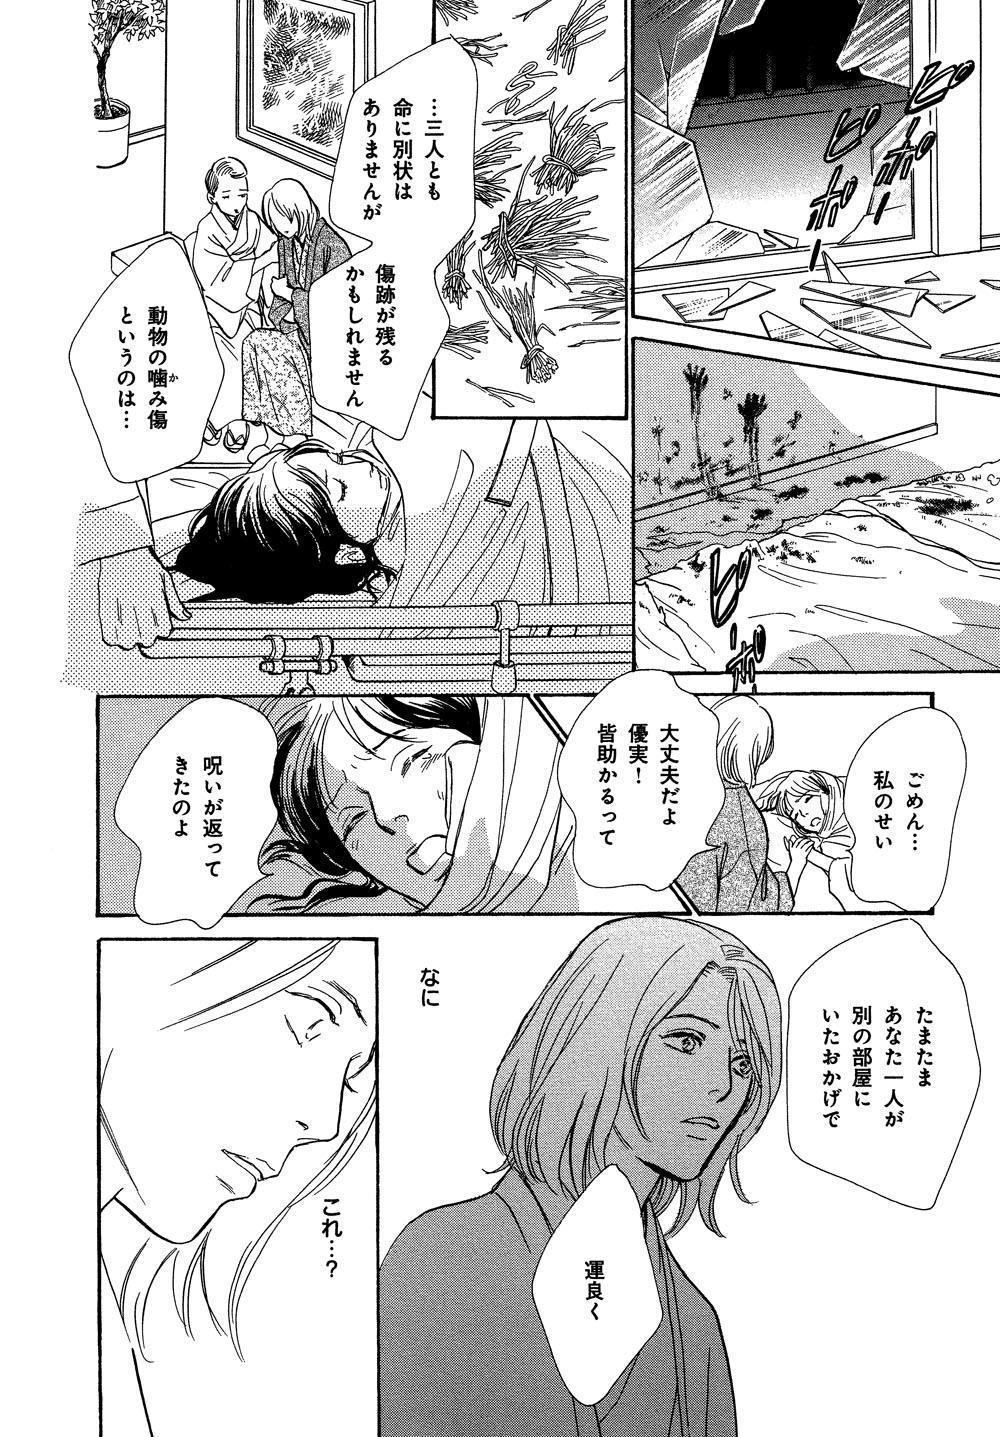 hyakki_0020_0020.jpg